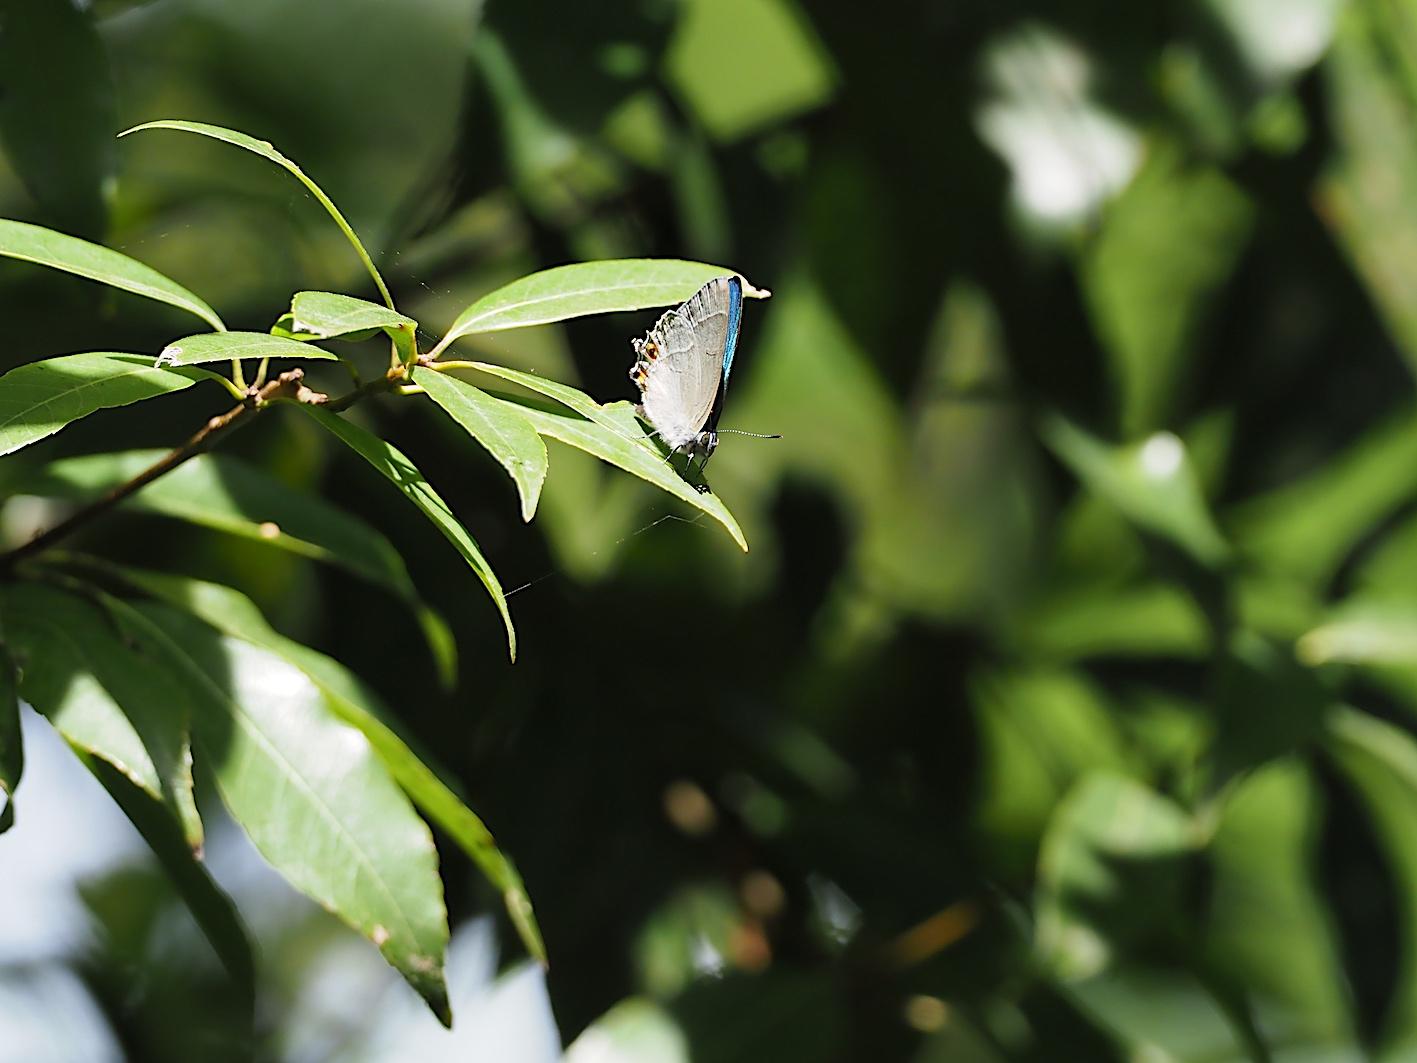 オオミドリシジミの開翅シーン(2019年6月10日)_d0303129_7203555.jpg